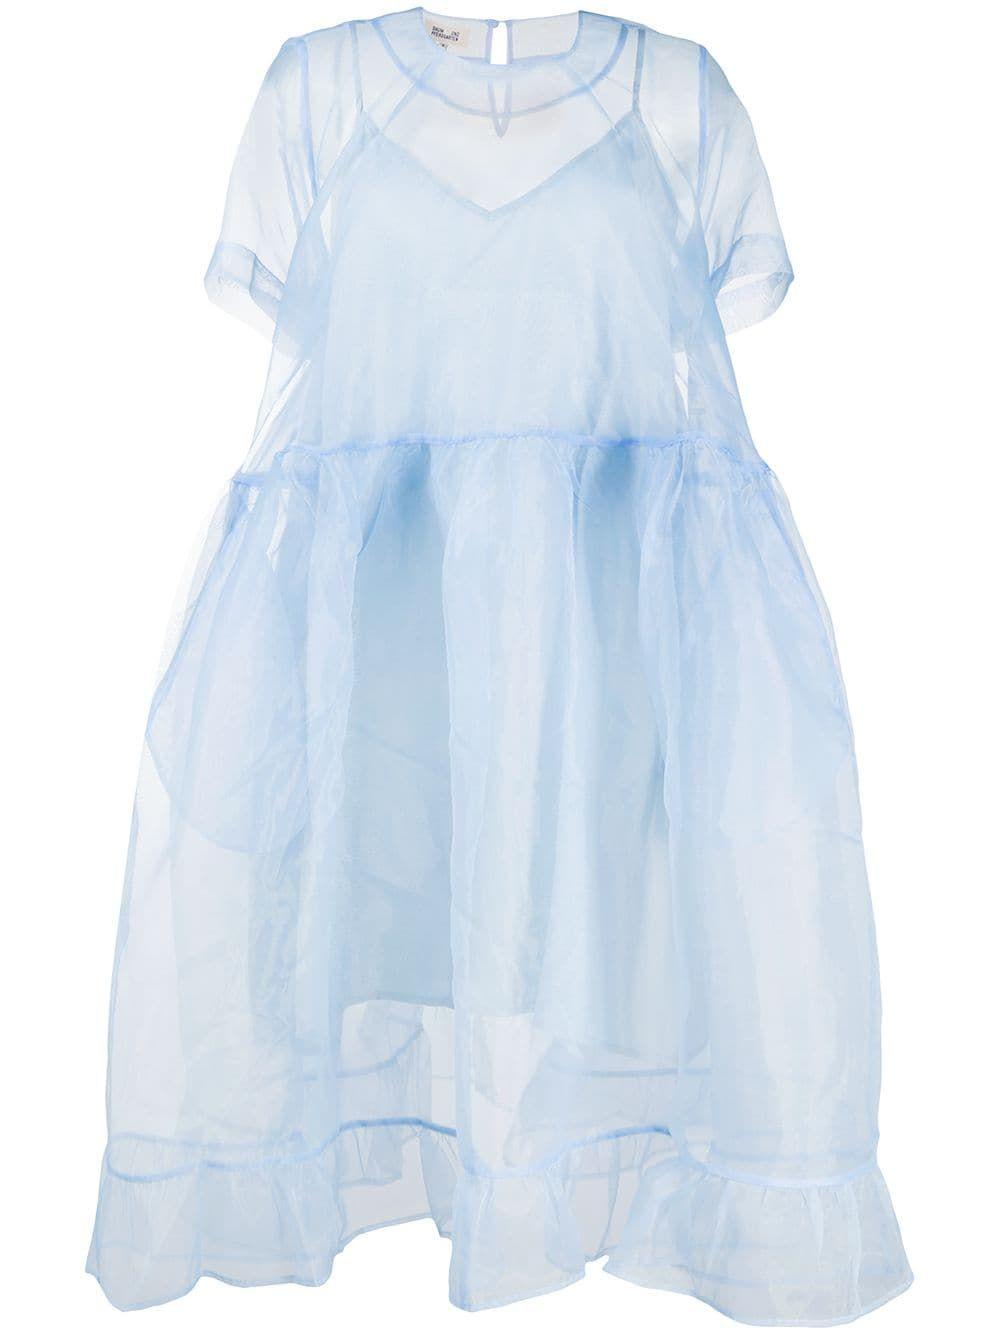 Baum Und Pferdgarten Sheer Organza Babydoll Dress Farfetch Dresses Babydoll Dress Fashion [ 1334 x 1000 Pixel ]